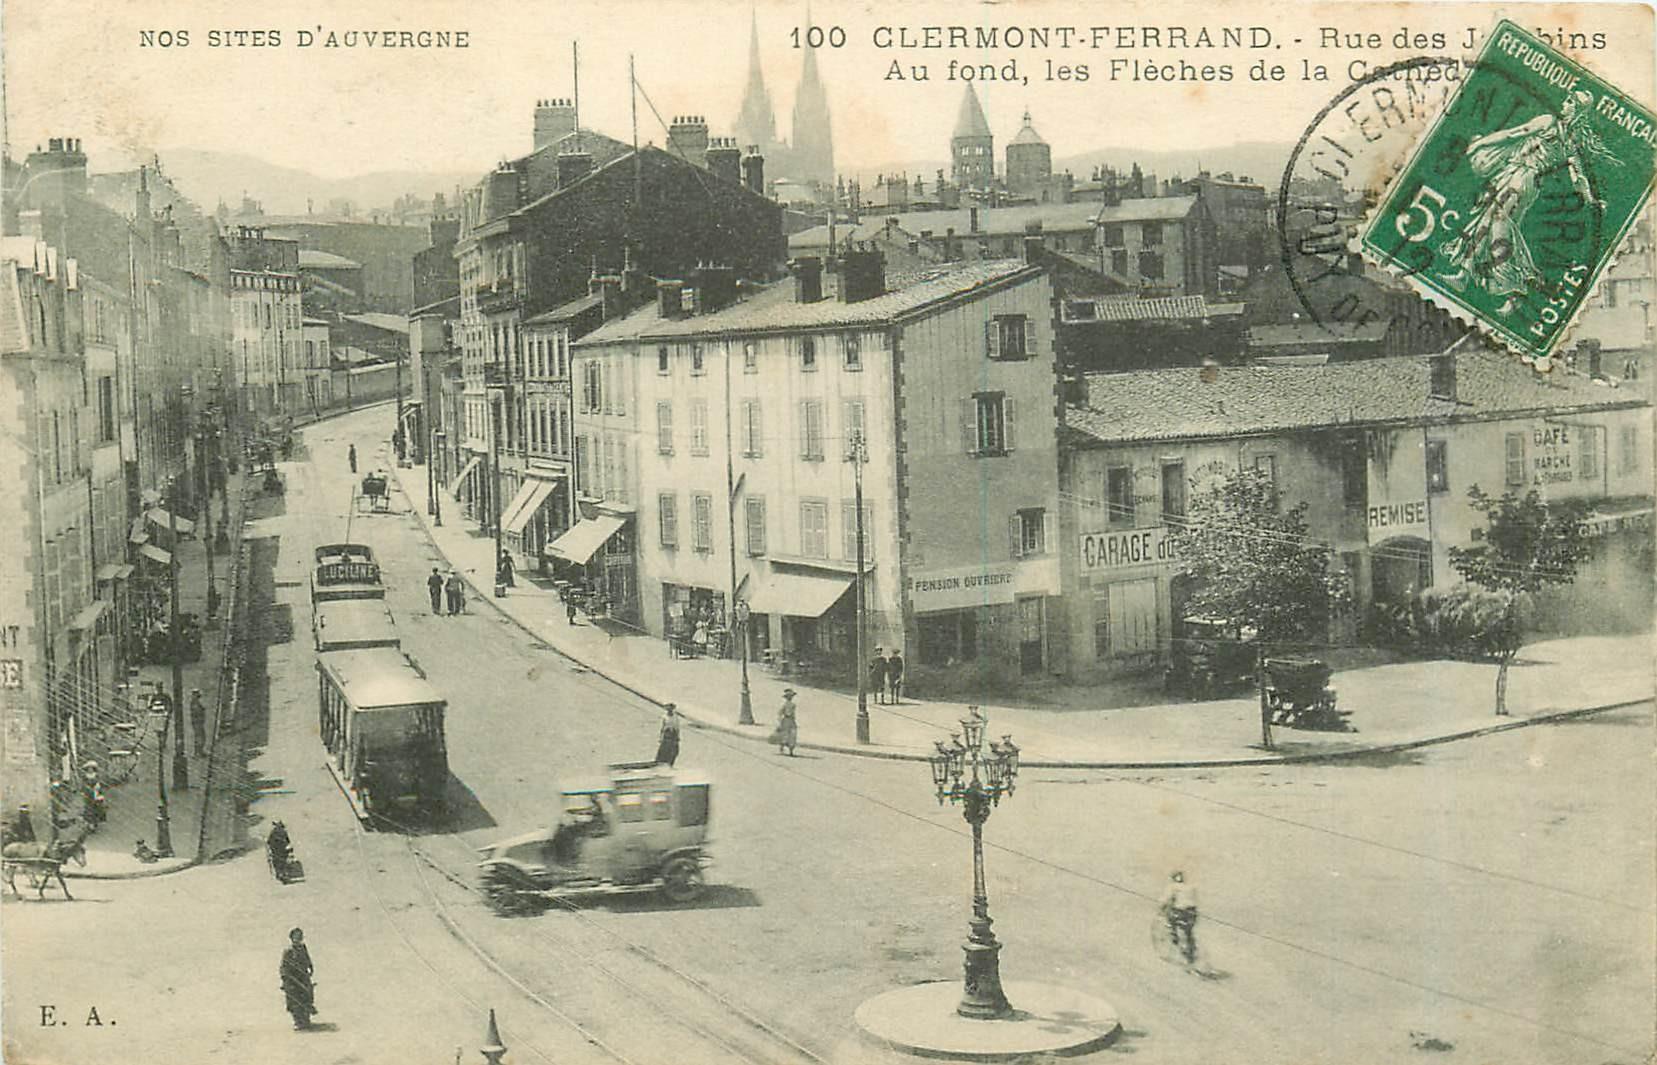 63 CLERMONT-FERRAND. Rue des Jacobins 1912